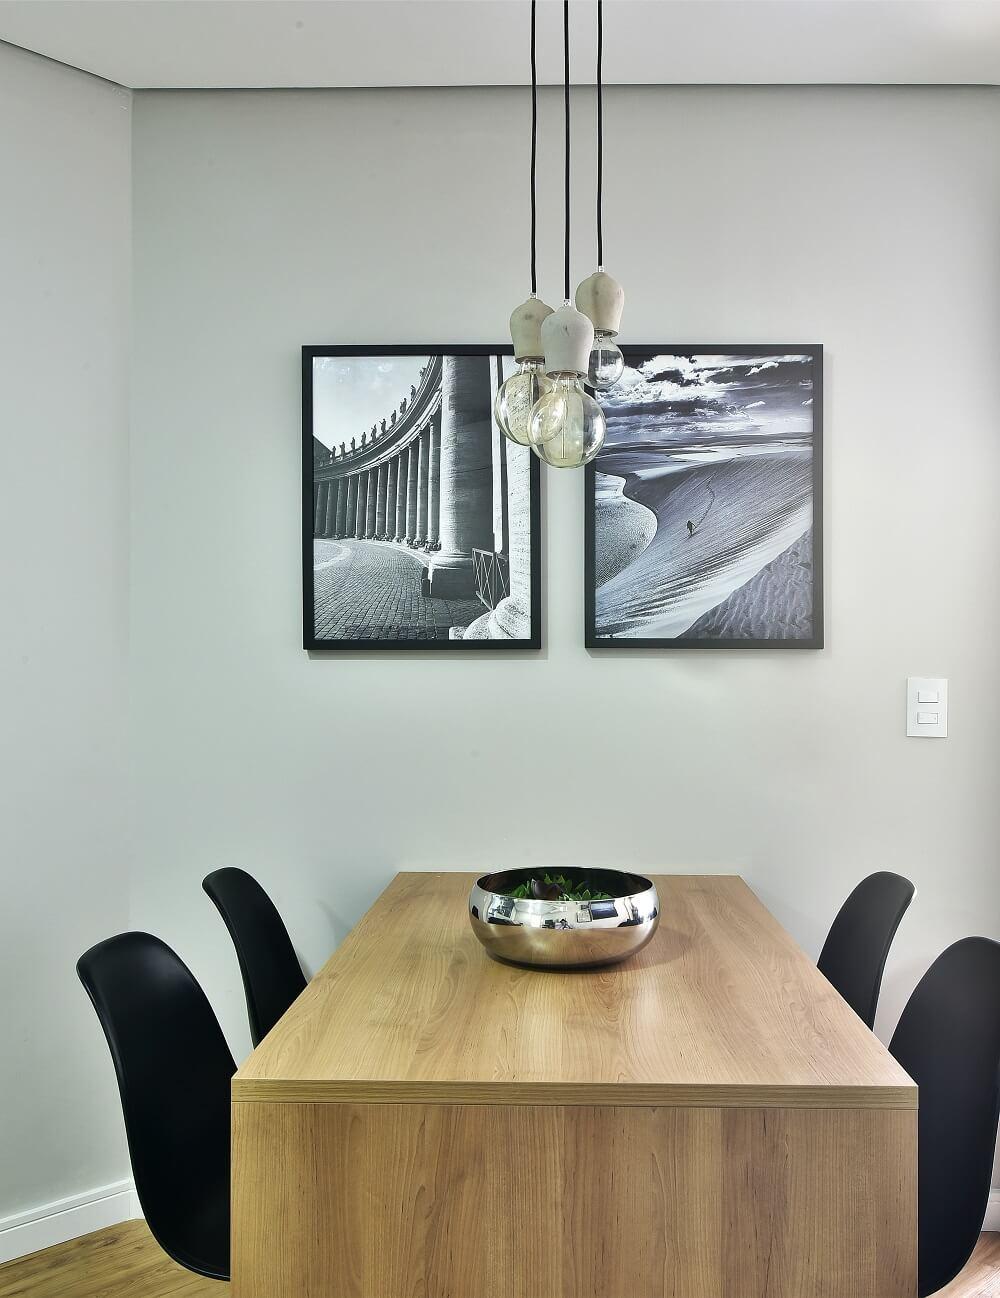 Le couloir étroit a la présence d'une table rectangulaire qui se fixe au mur.  Photo: Poupée Sidney